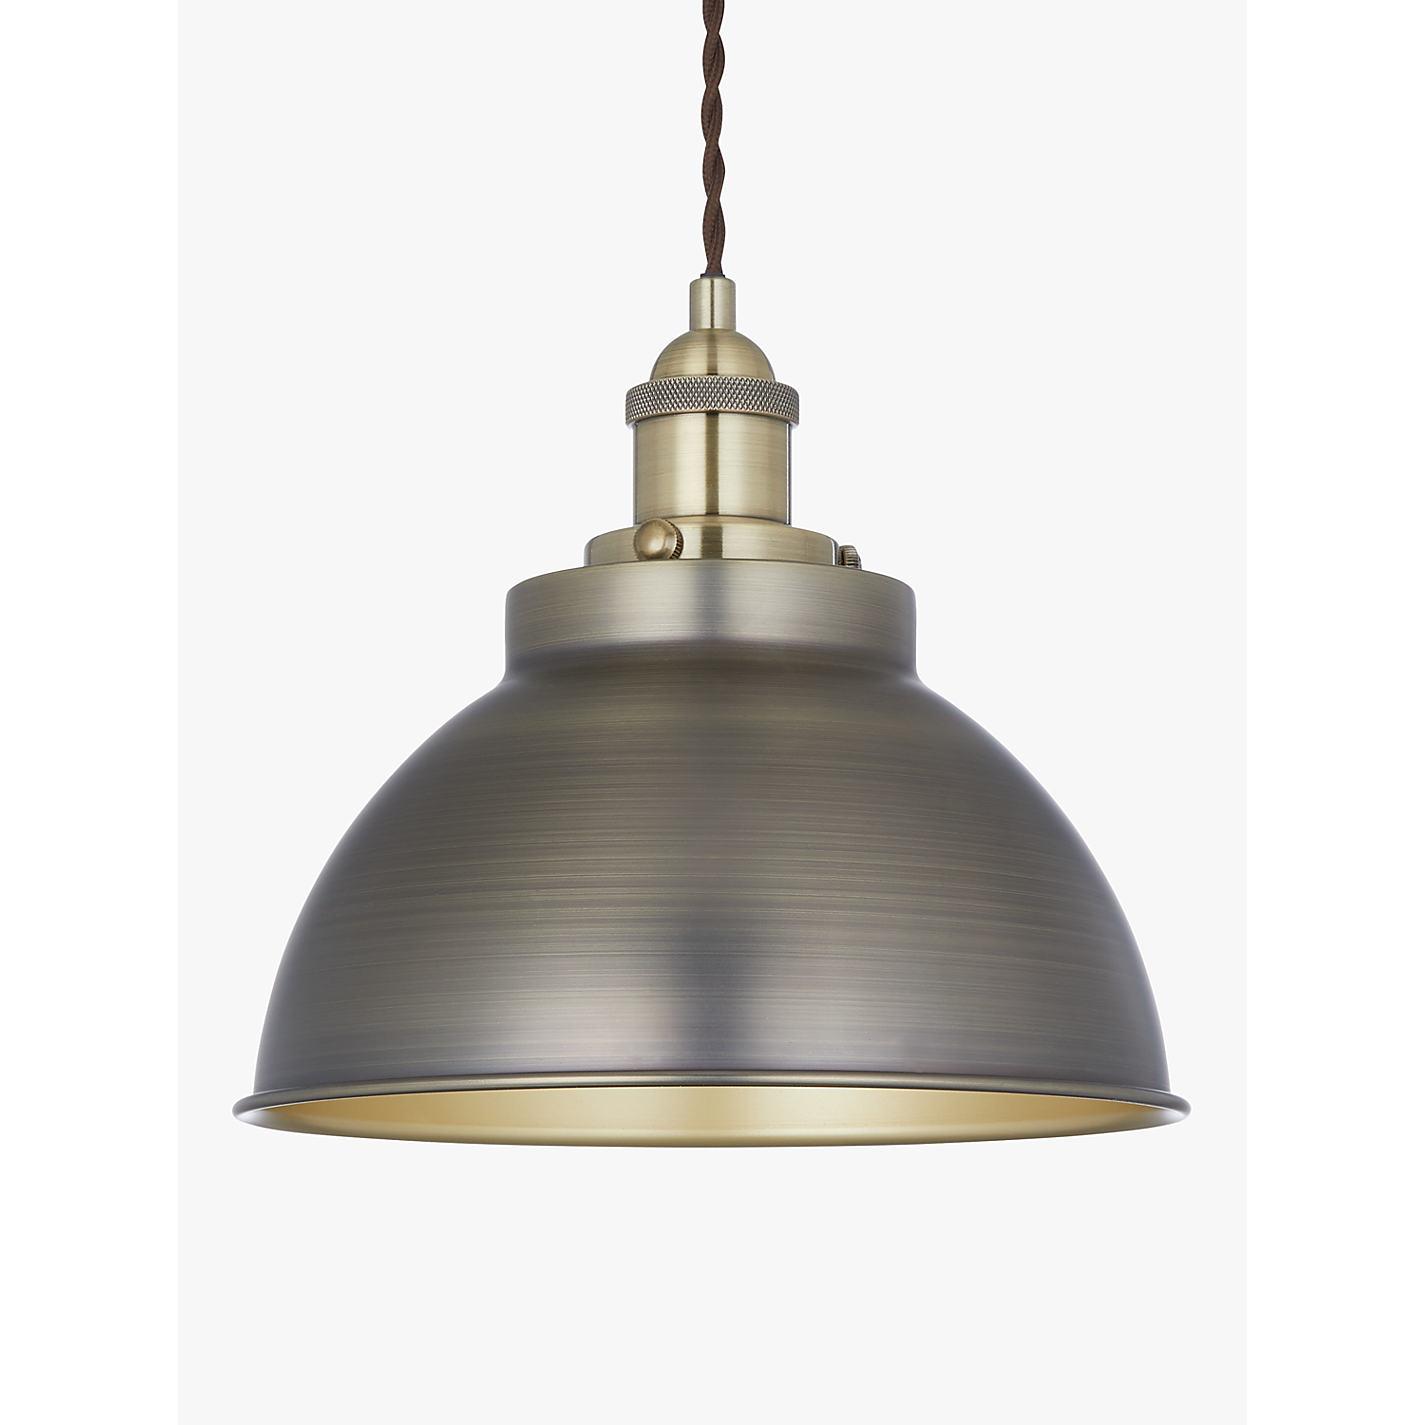 Buy john lewis baldwin pendant ceiling light john lewis buy john lewis baldwin pendant ceiling light online at johnlewis aloadofball Choice Image